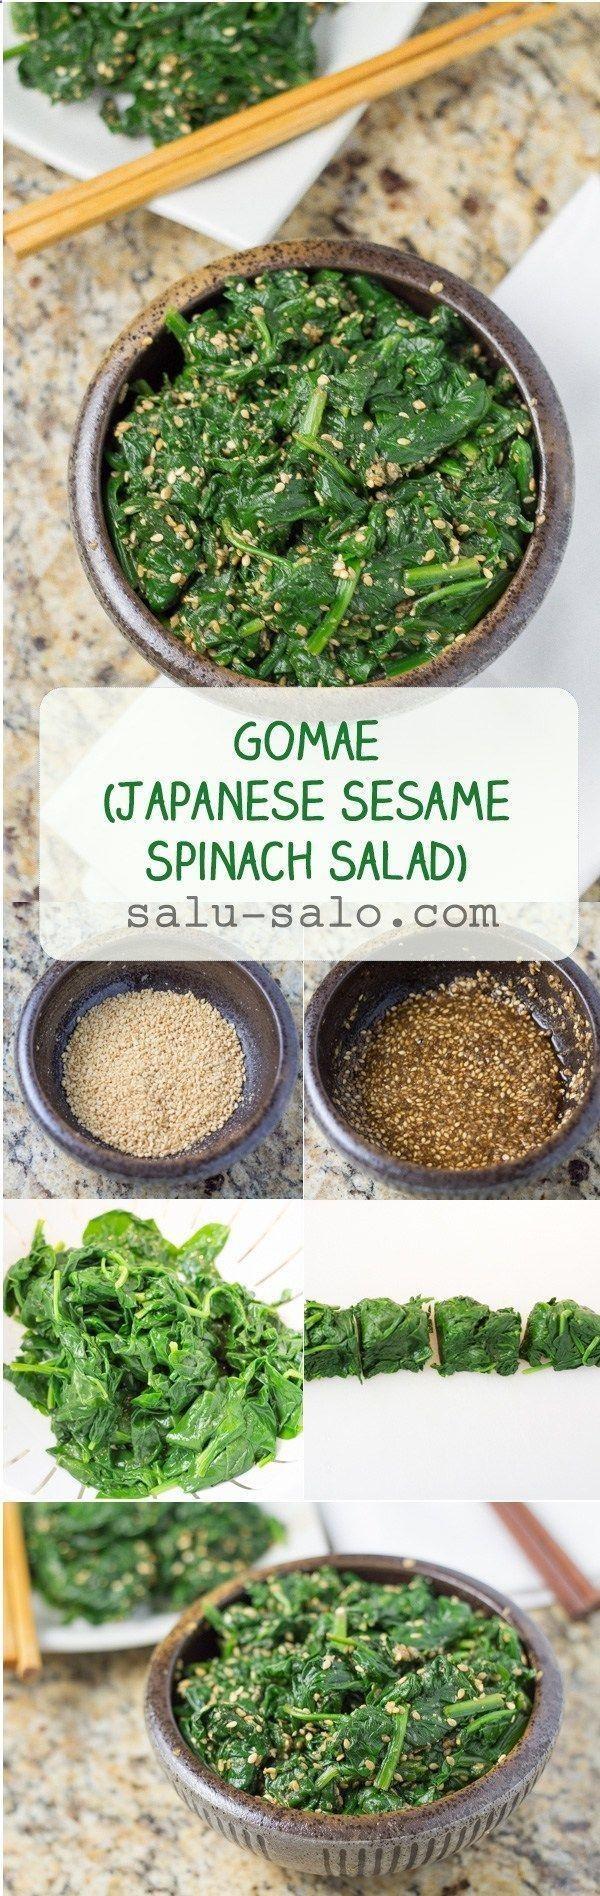 Factor Quema Grasa - Gomae Japanese Spinach Salad - easy vegan asian side dish recipe - Una estrategia de pérdida de peso algo inusual que te va a ayudar a obtener un vientre plano en menos de 7 días mientras sigues disfrutando de tu comida favorita